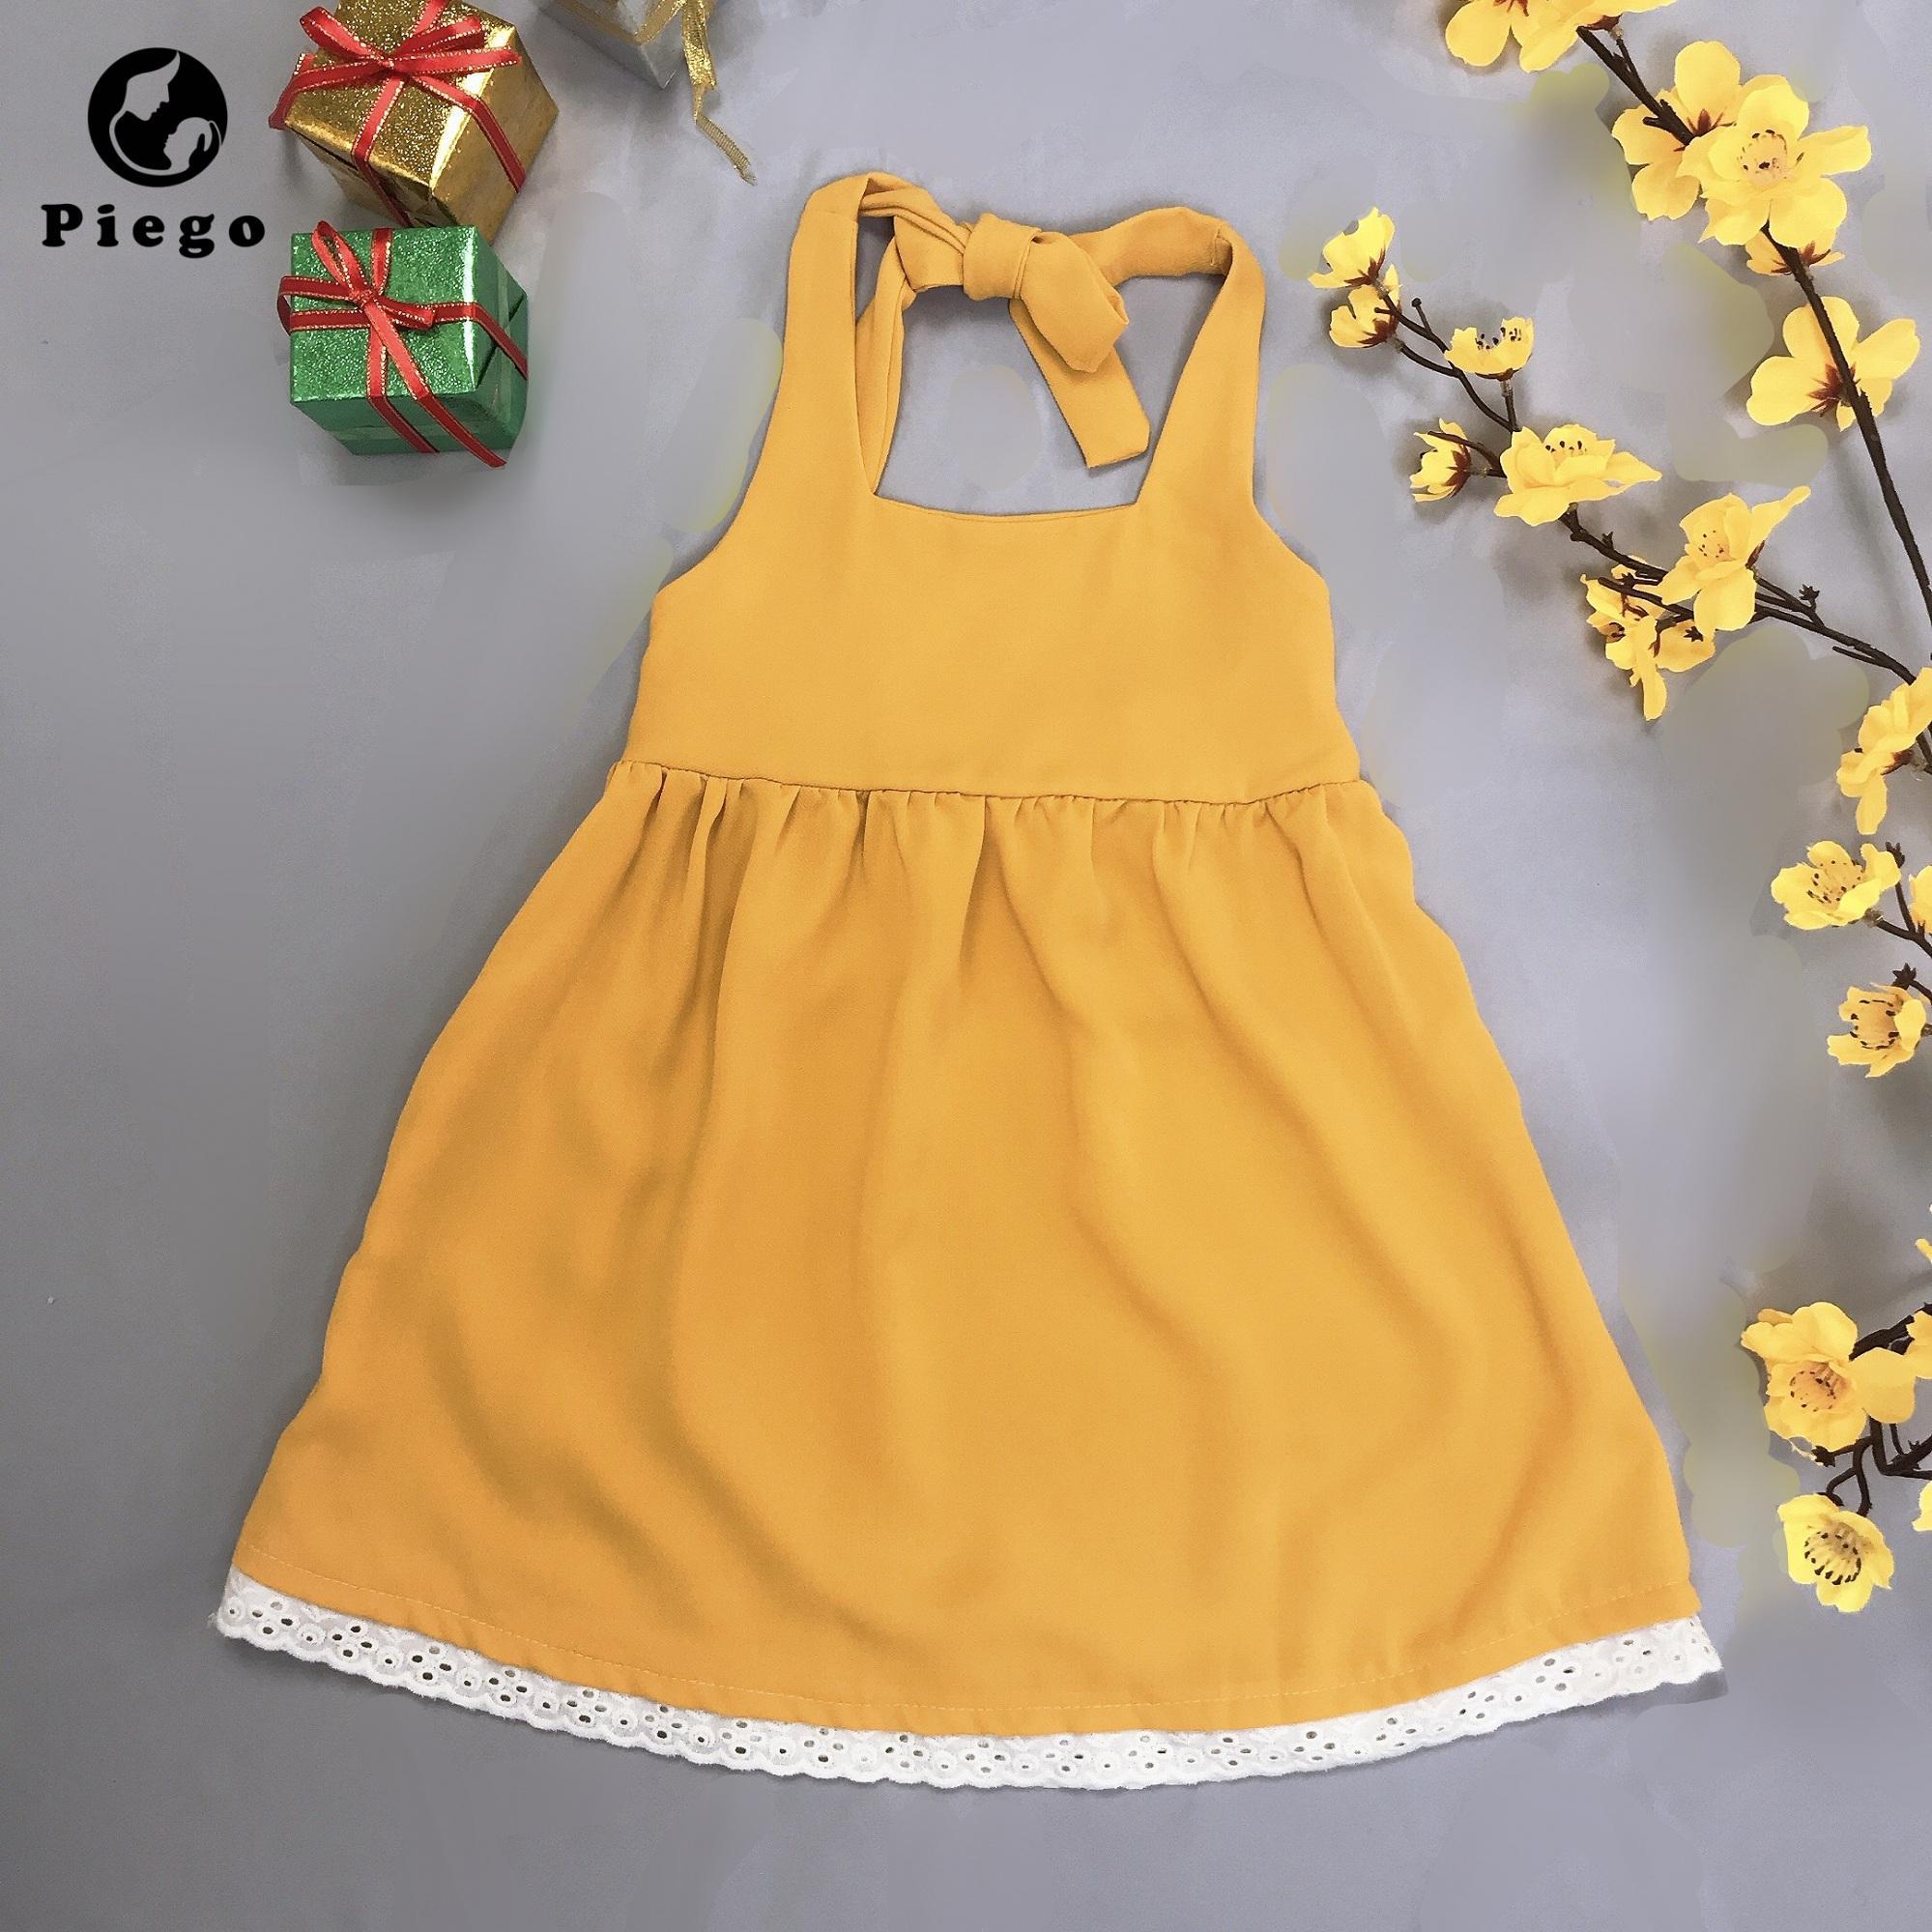 Giá bán Đầm ( Váy) cho bé gái